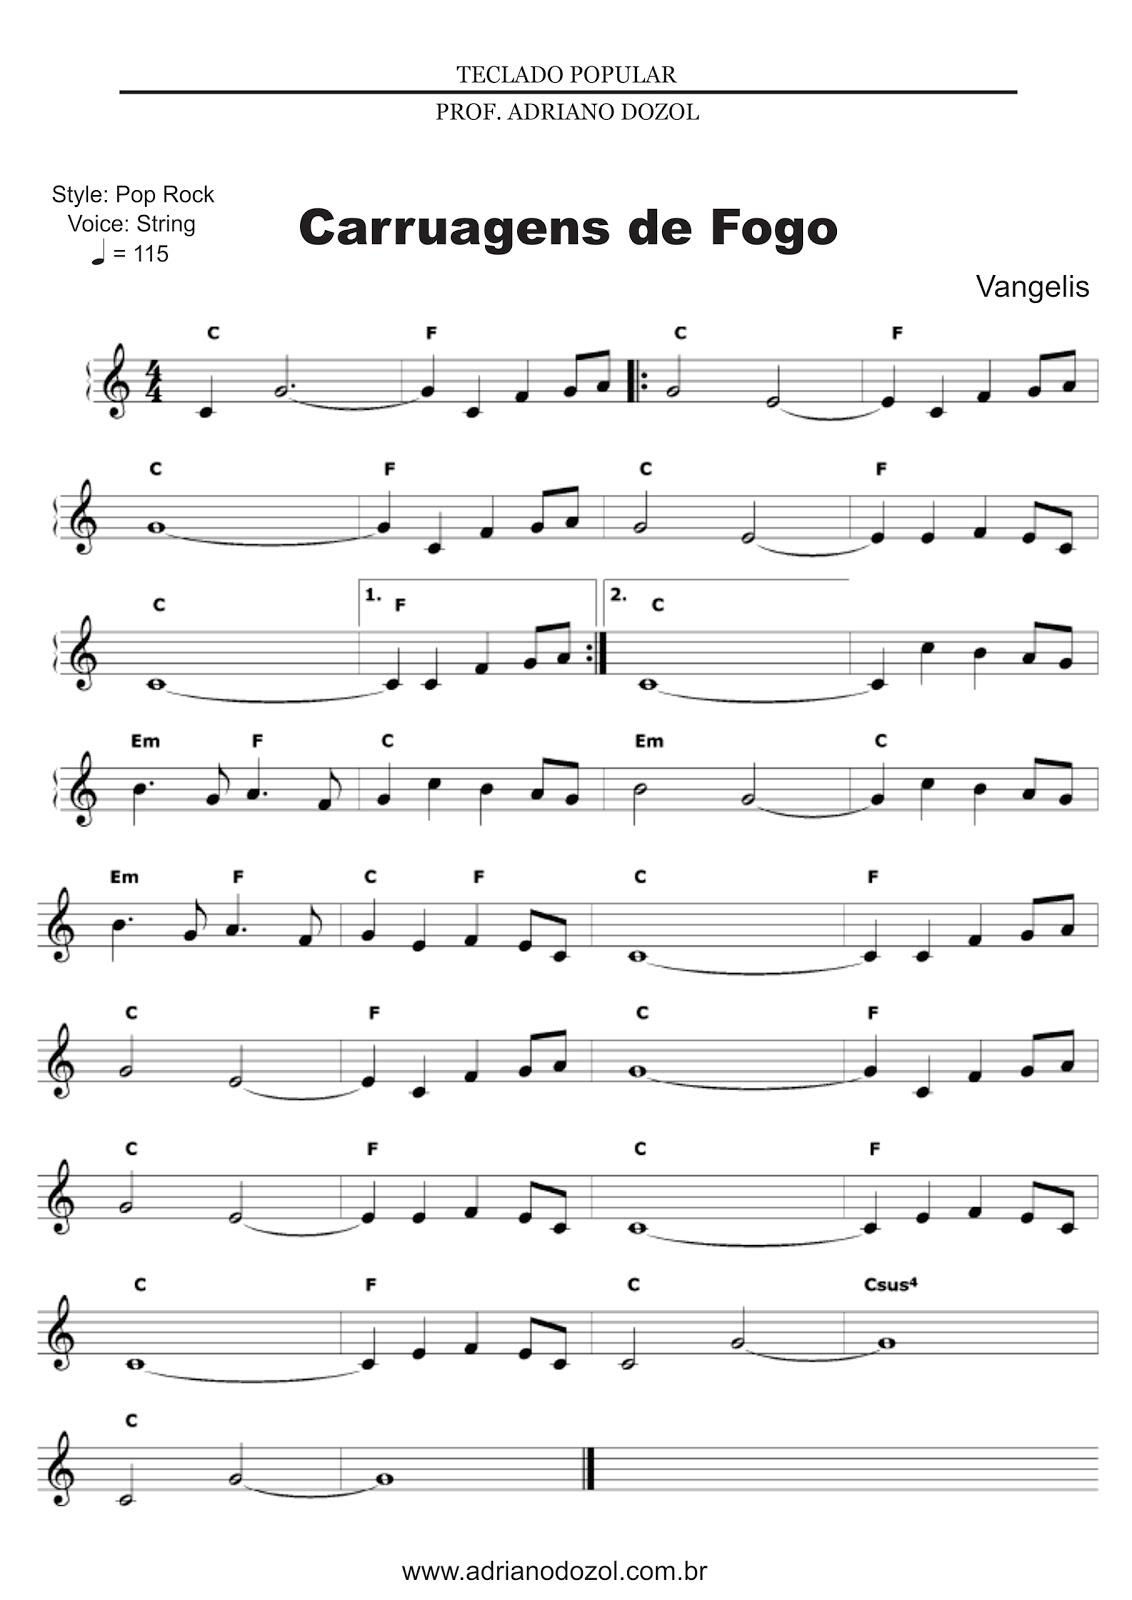 Todo el repertorio pasa - 3 part 7